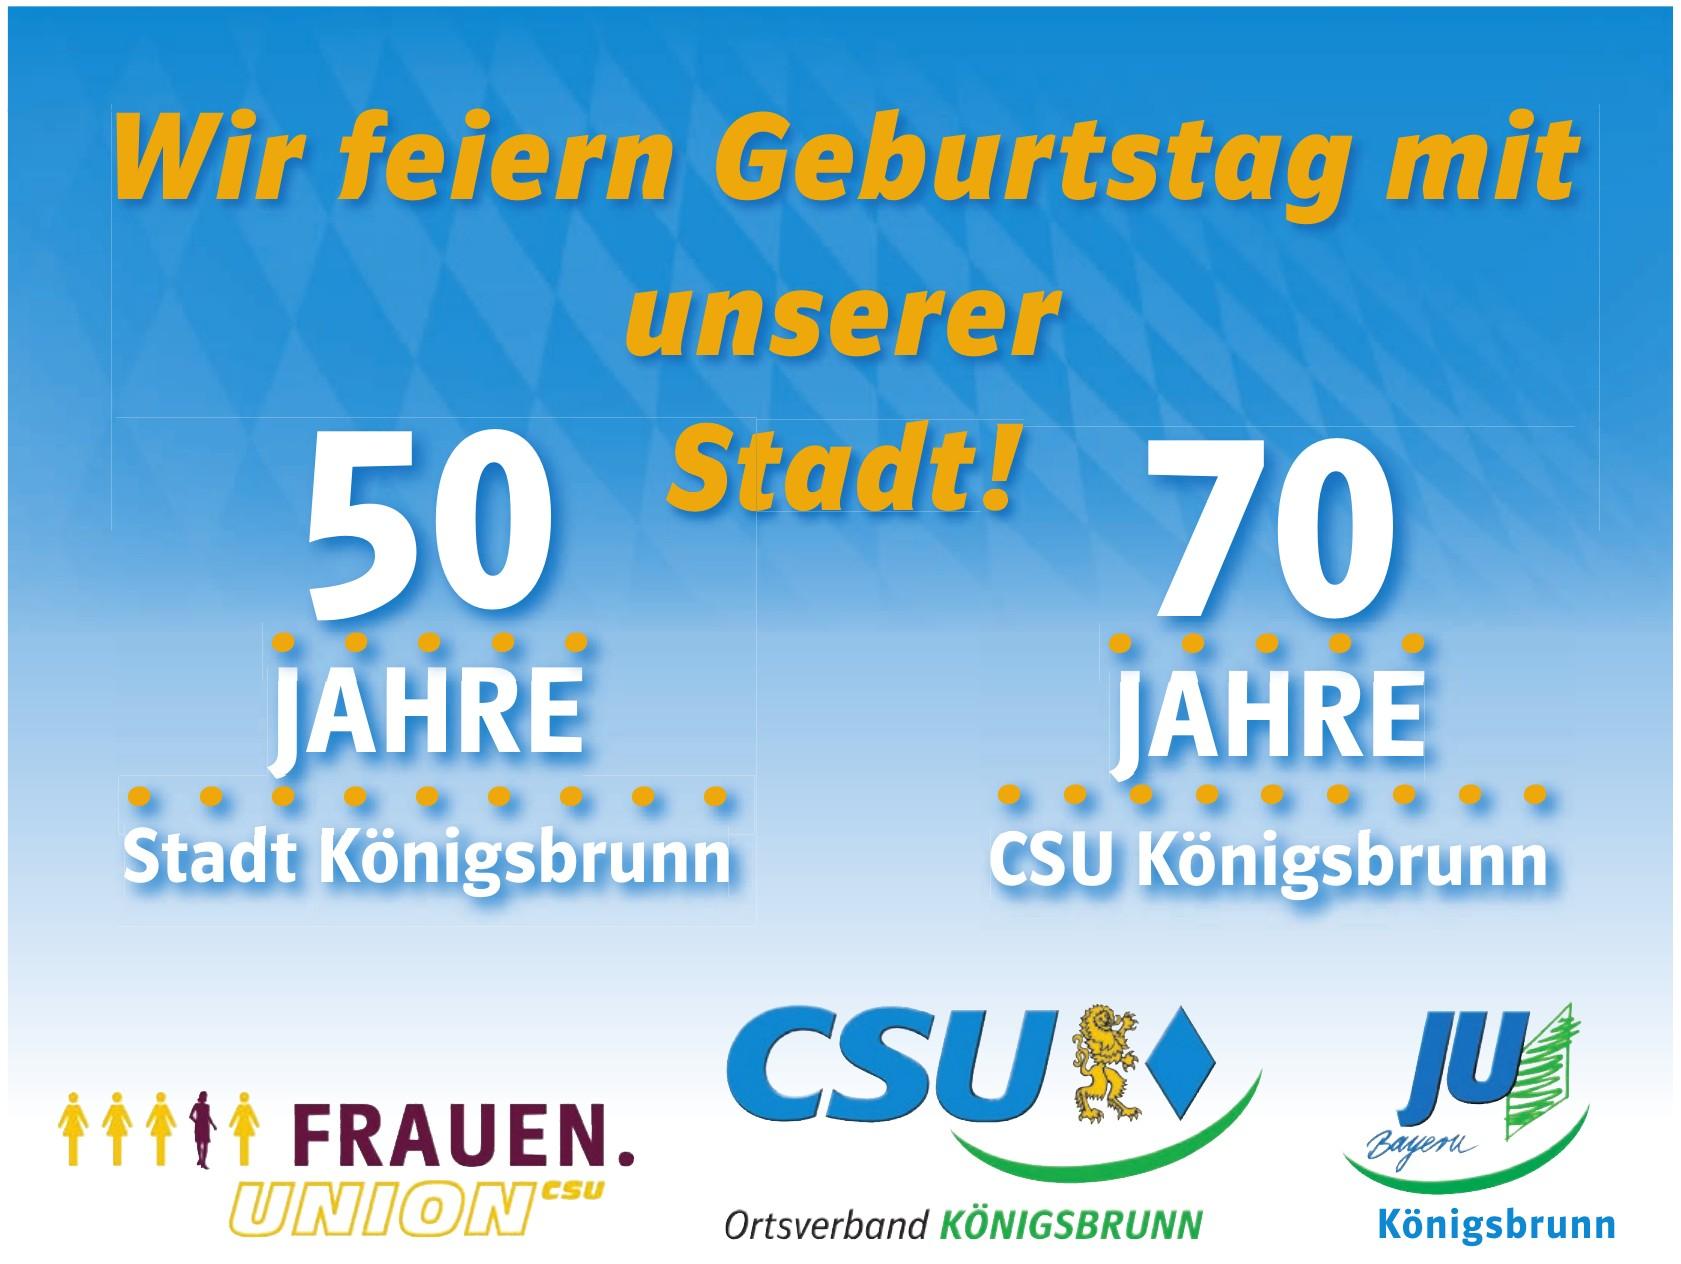 50 Jahre Stadt Königsbrunn - 70 Jahre CSU Königsbrunn